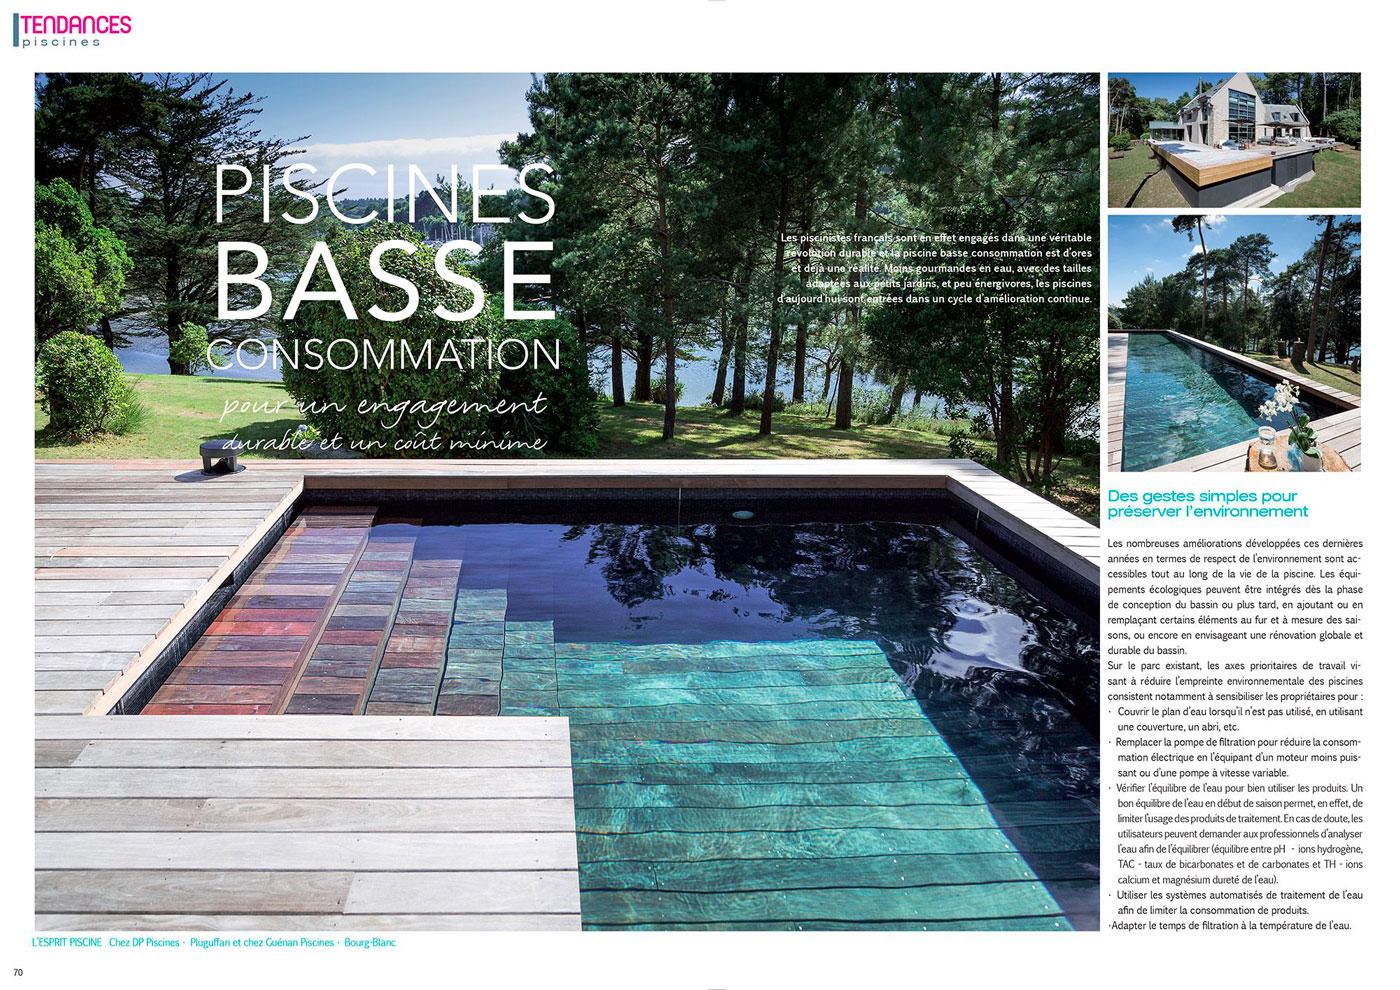 Piscines basse consommation : pour un engagement durable et un coût minime piscine basse consommation avec lesprit piscine